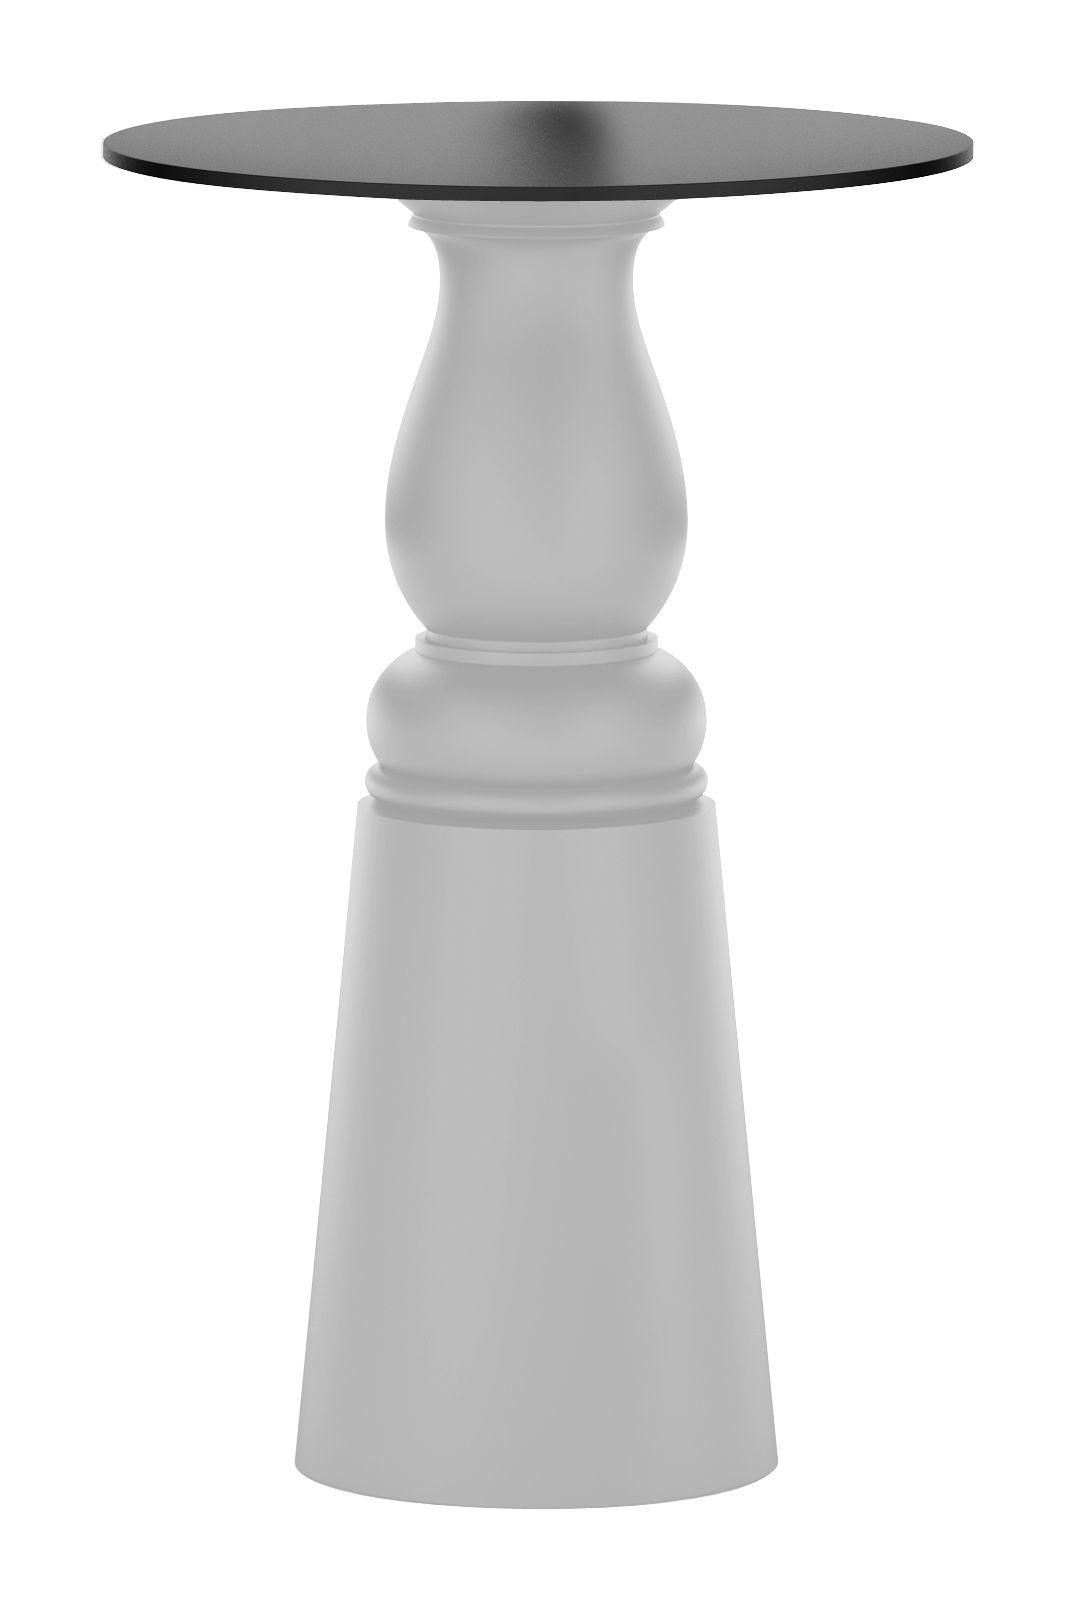 Outdoor - Tavoli alti e bar - Accessorio tavolo / Pied pour table Container New Antique - Ø 38 x H 106 cm - Per piano d'appoggio Ø 70 cm di Moooi - Gamba colore grigio - Ø 38 x H 106 cm - Acciaio inossidabile, Polietilene